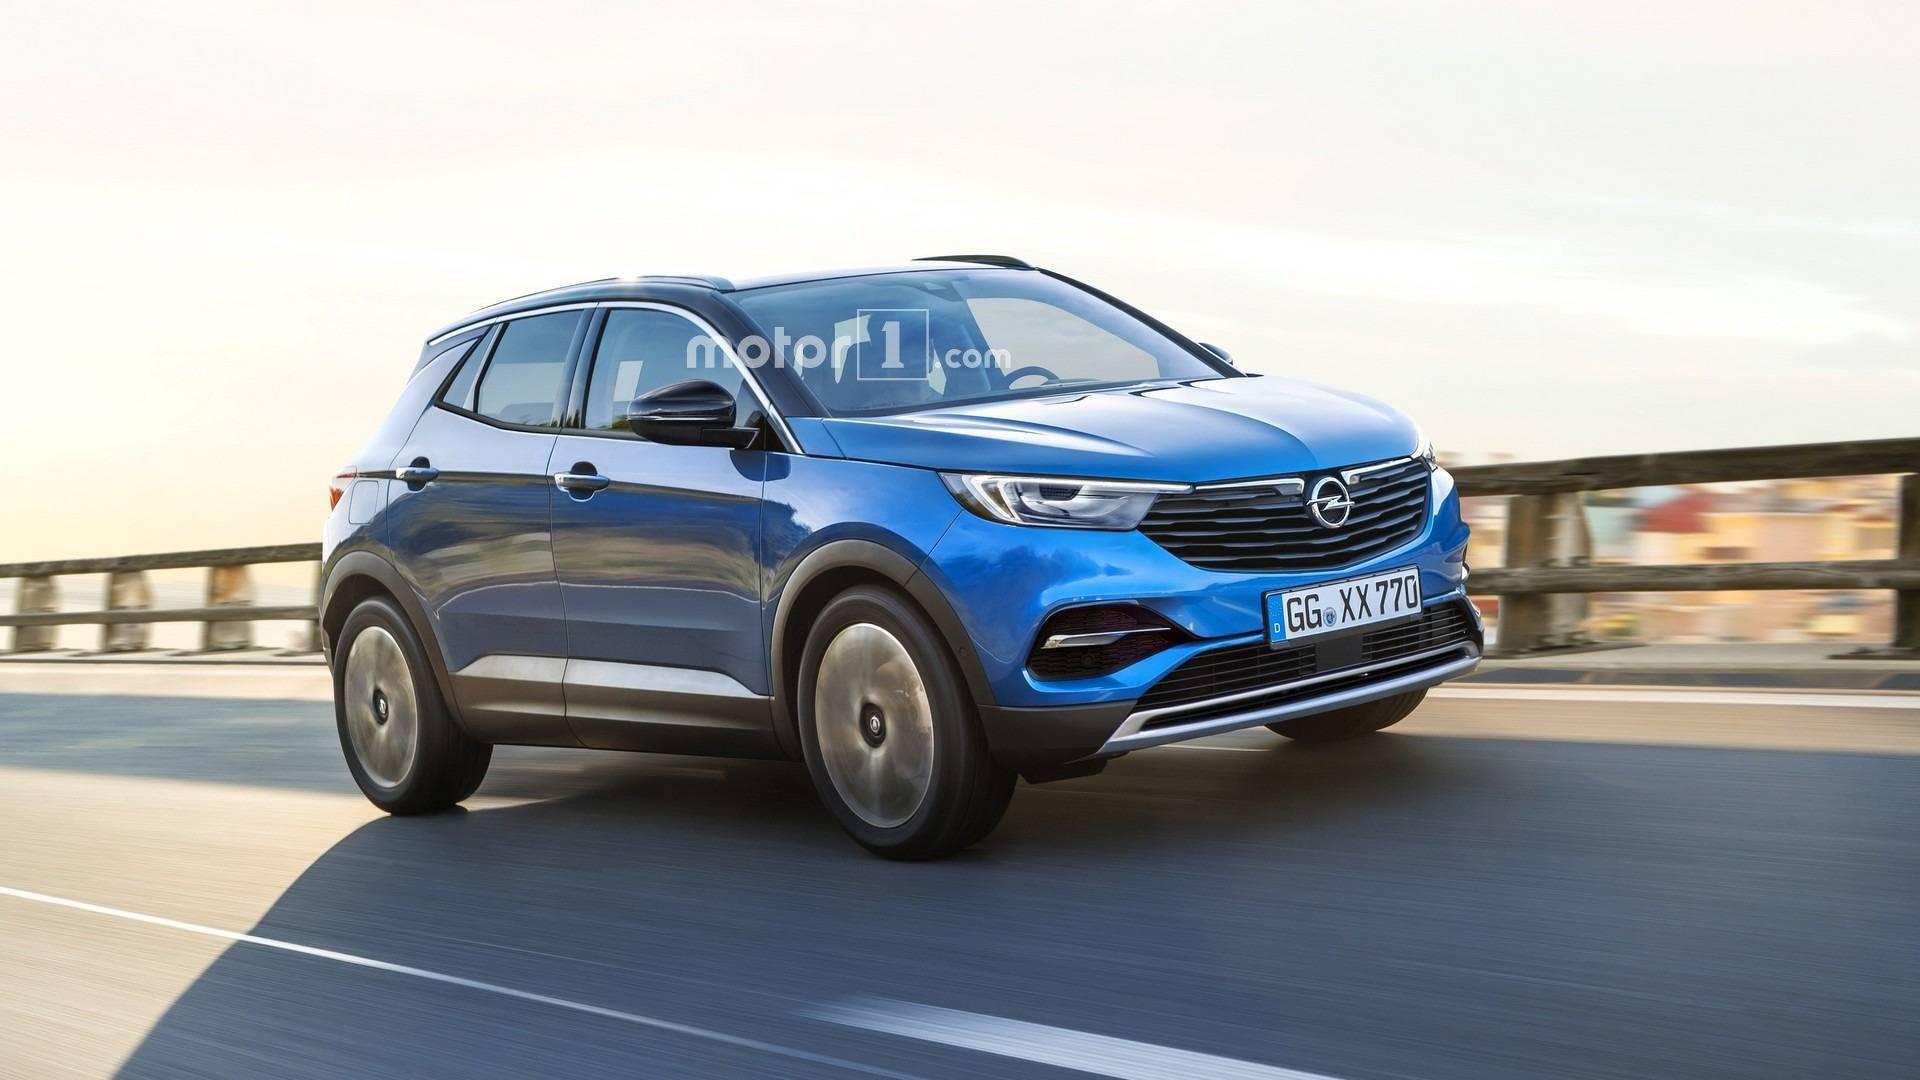 2020 Opel Mokka X First Details Bigger Electrified Psa Platform